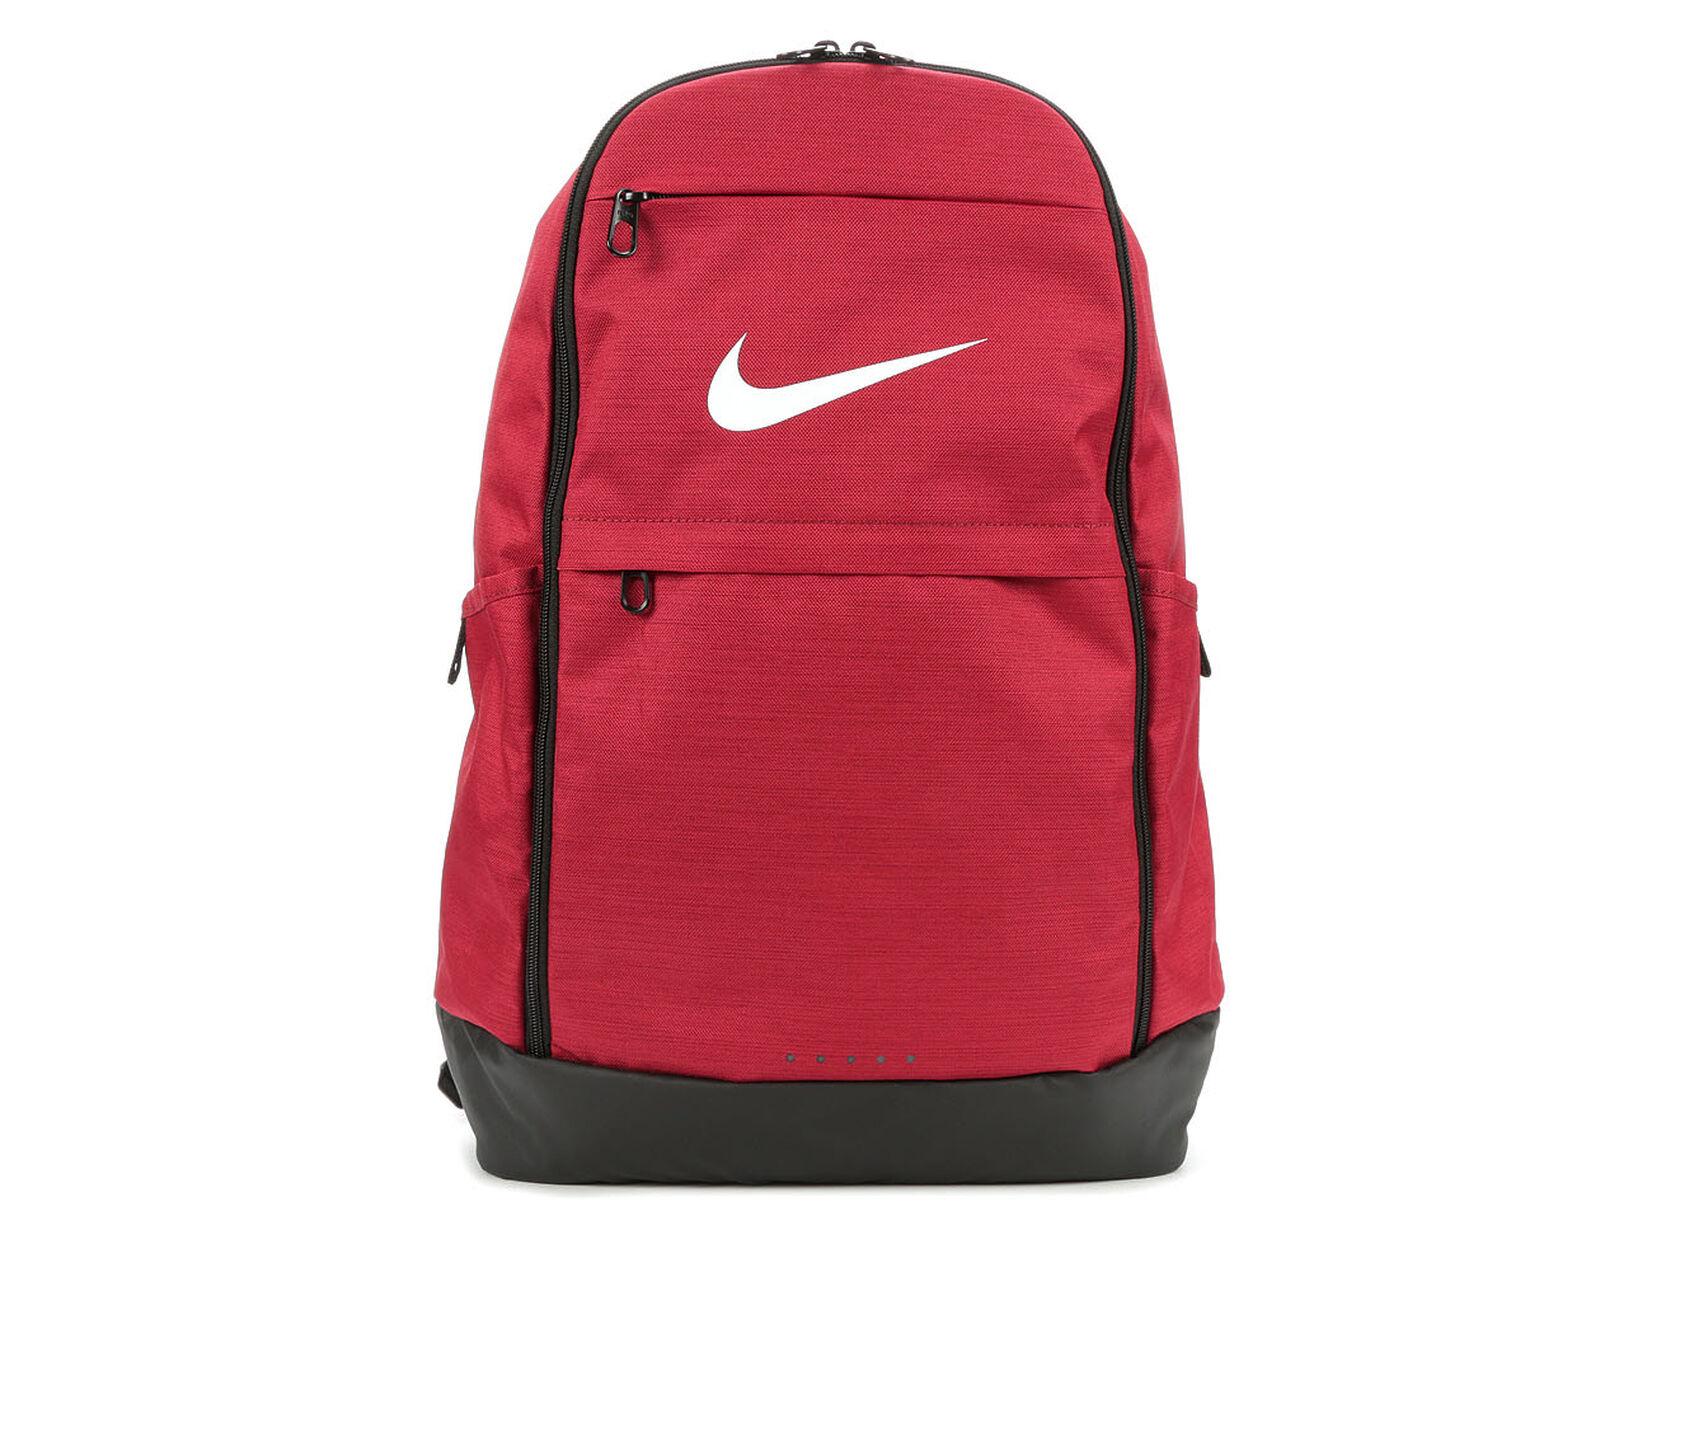 6c6f5e6479 Nike Brasilia XL Backpack